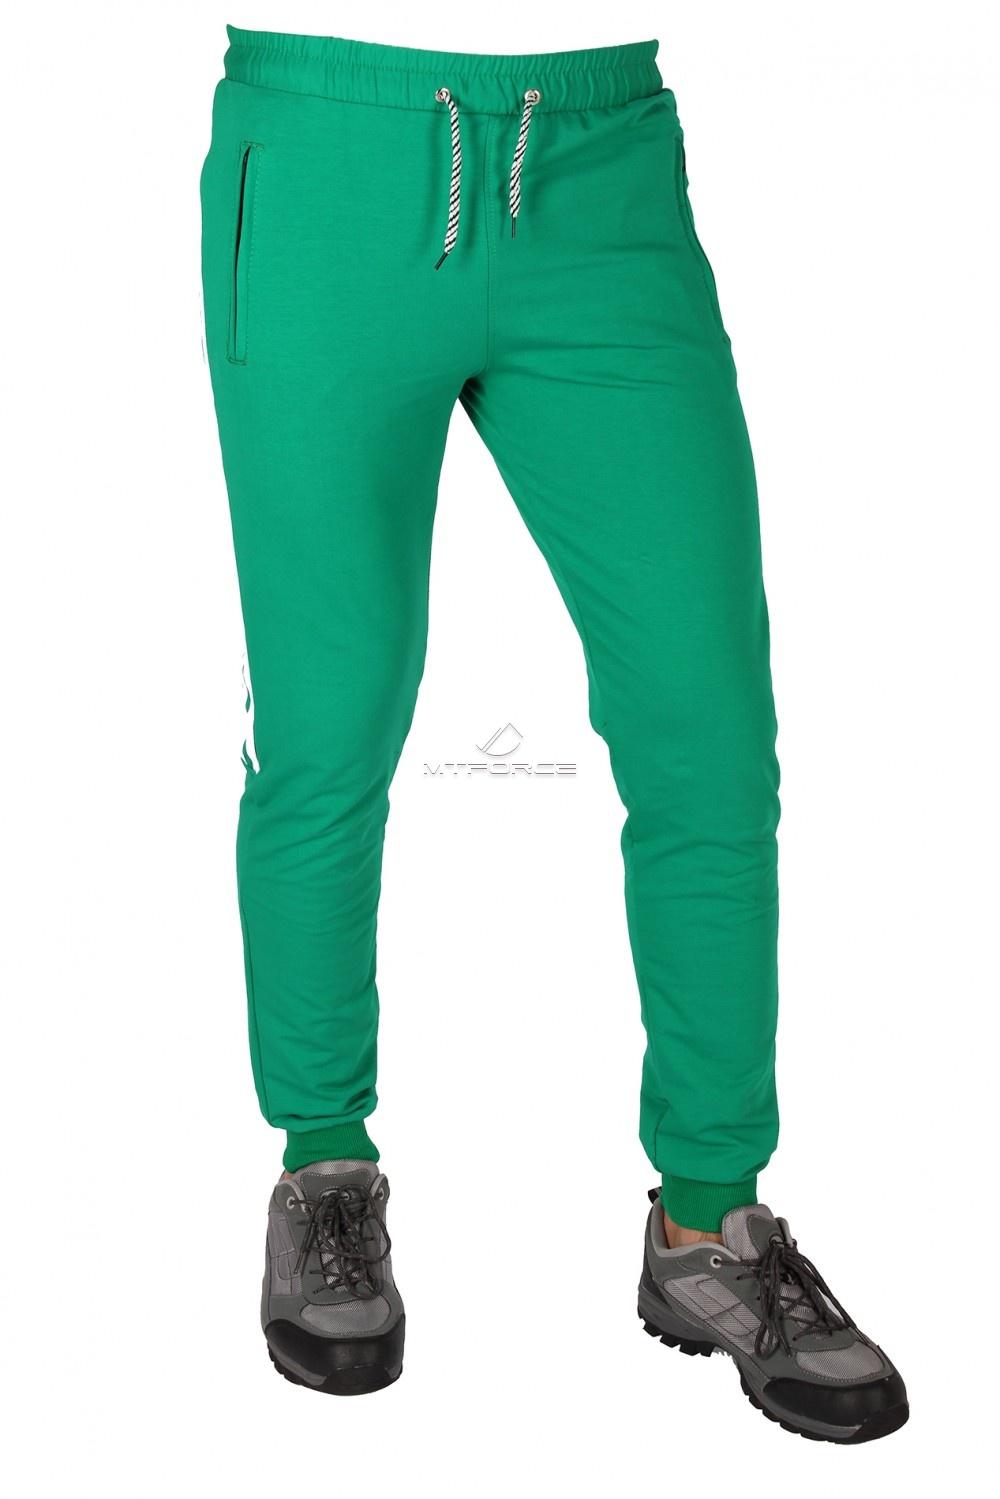 Купить                                      оптом Брюки трикотажные мужские зеленого цвета 1073Z в Перми